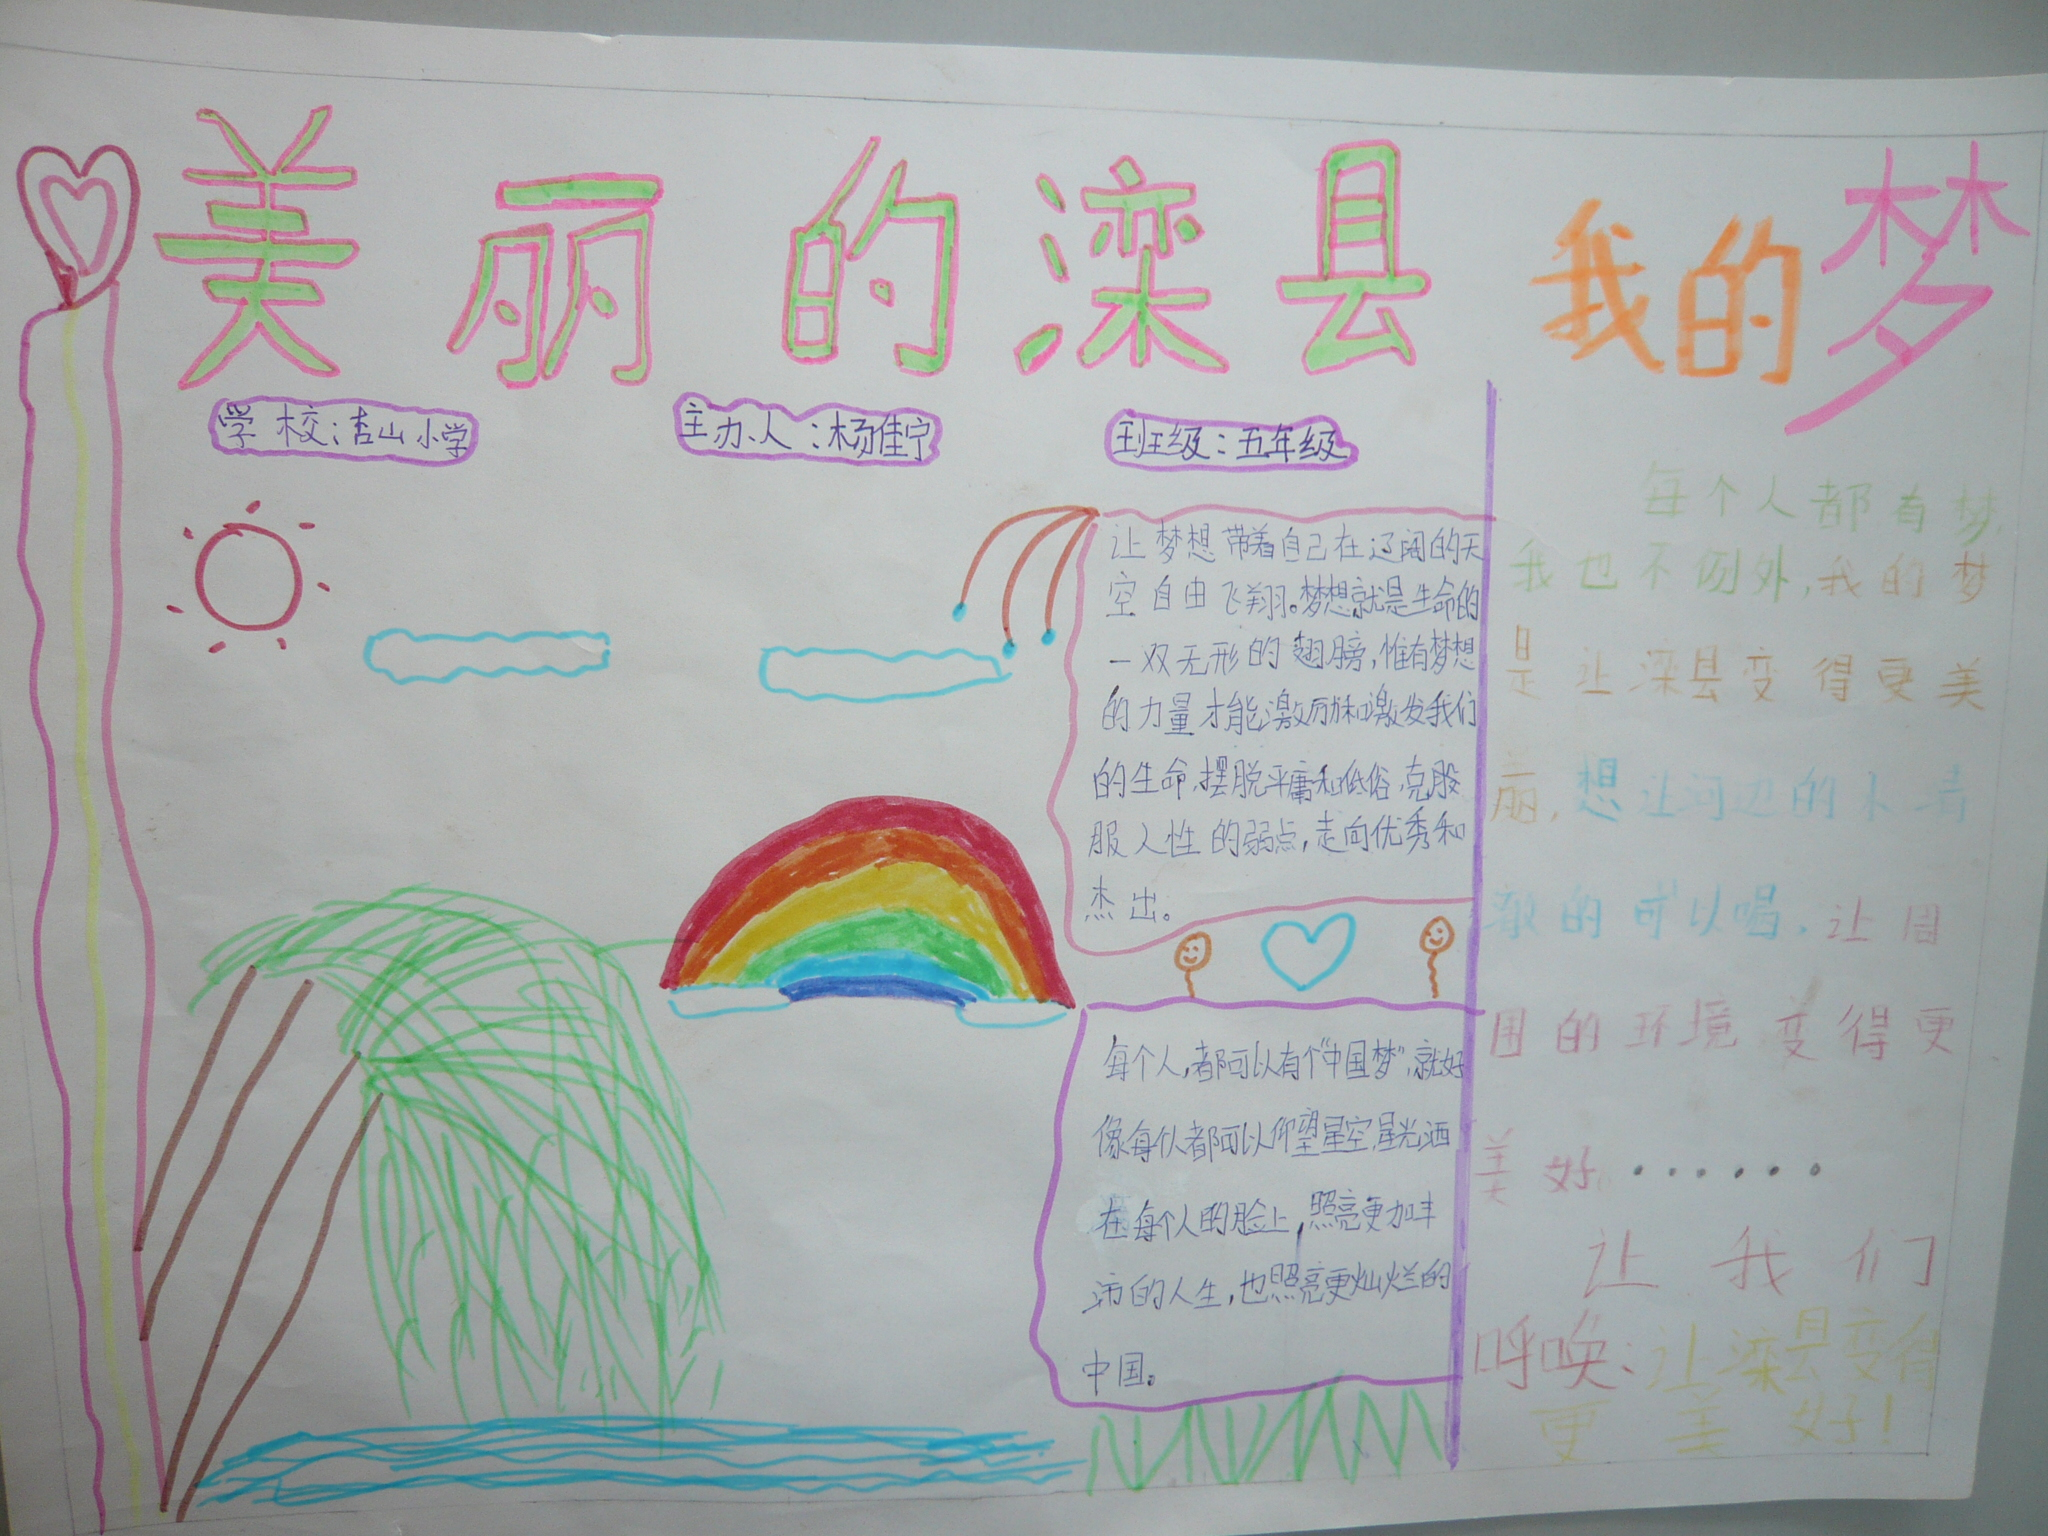 美丽滦县我的梦 手抄报图片 - 红领巾相约中国梦动态